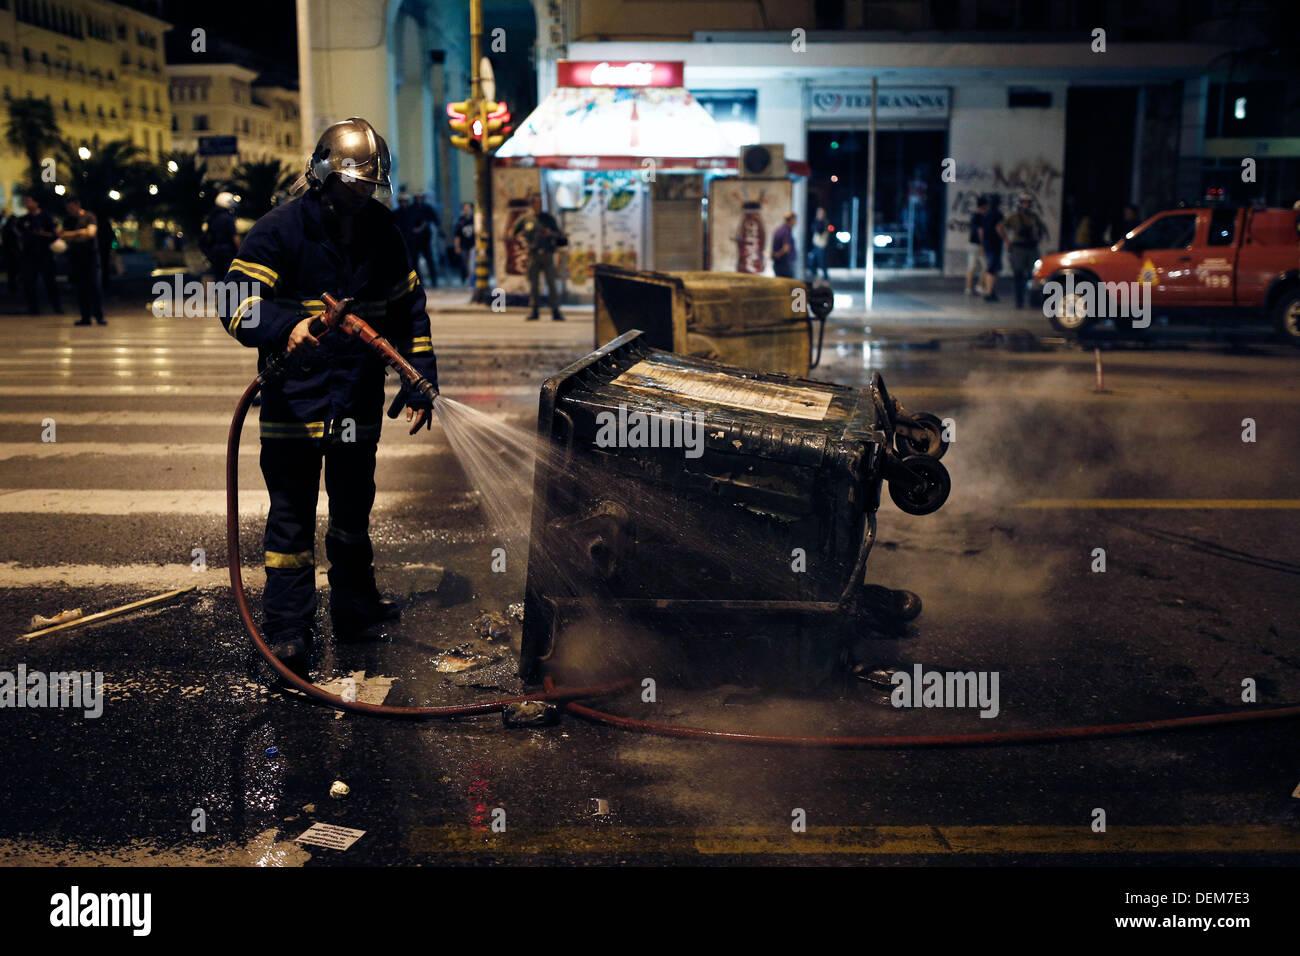 Salonicco, Grecia. Xx Settembre 2013. Pompiere spegne il fuoco nel cestino dopo la protesta antifascista. Rally antifasciste per protestare contro la accoltellato di Pavlos Fyssas Killah (P) che morì presto Mercoledì, nel sobborgo di Nikaia vicino ad Atene il Giovedì, Settembre 19, 2013. Credito: Konstantinos Tsakalidis/Alamy Live News Immagini Stock